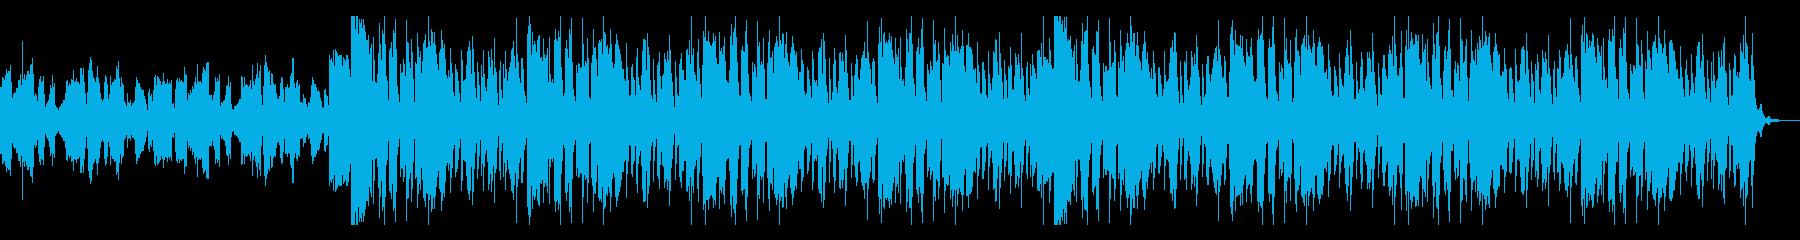 浮遊するホラー感の再生済みの波形